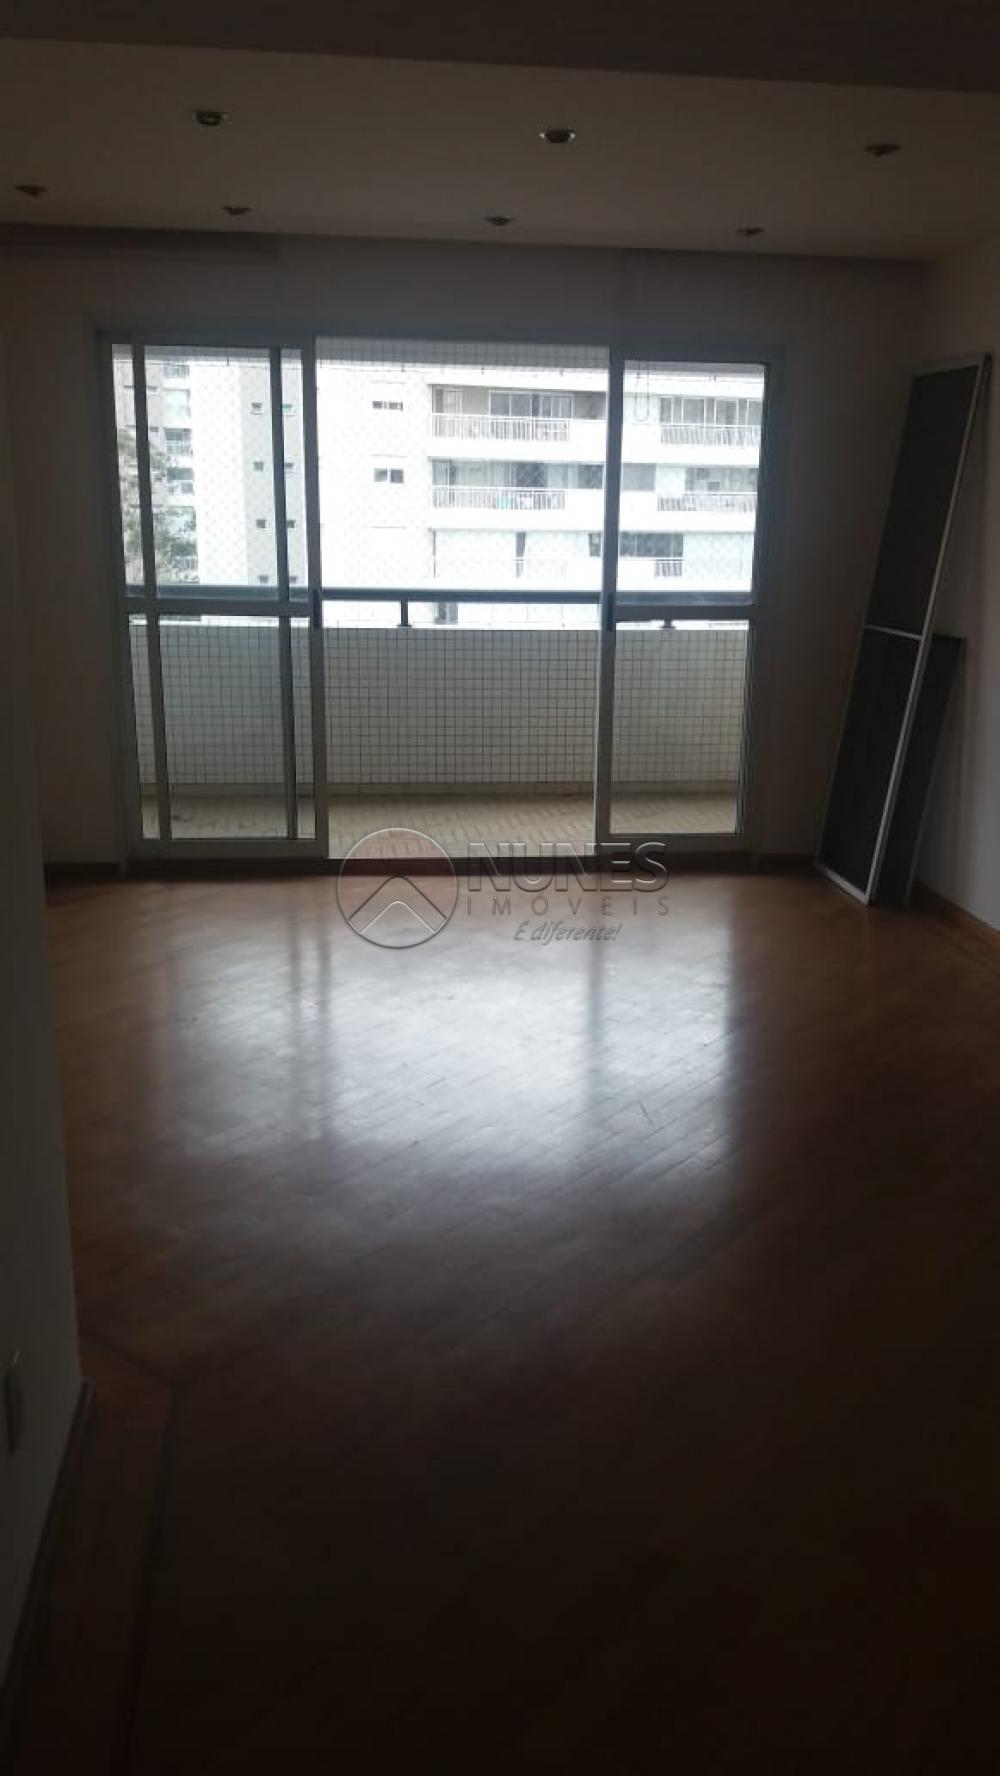 Comprar Apartamento / Padrão em São Paulo apenas R$ 640.000,00 - Foto 1